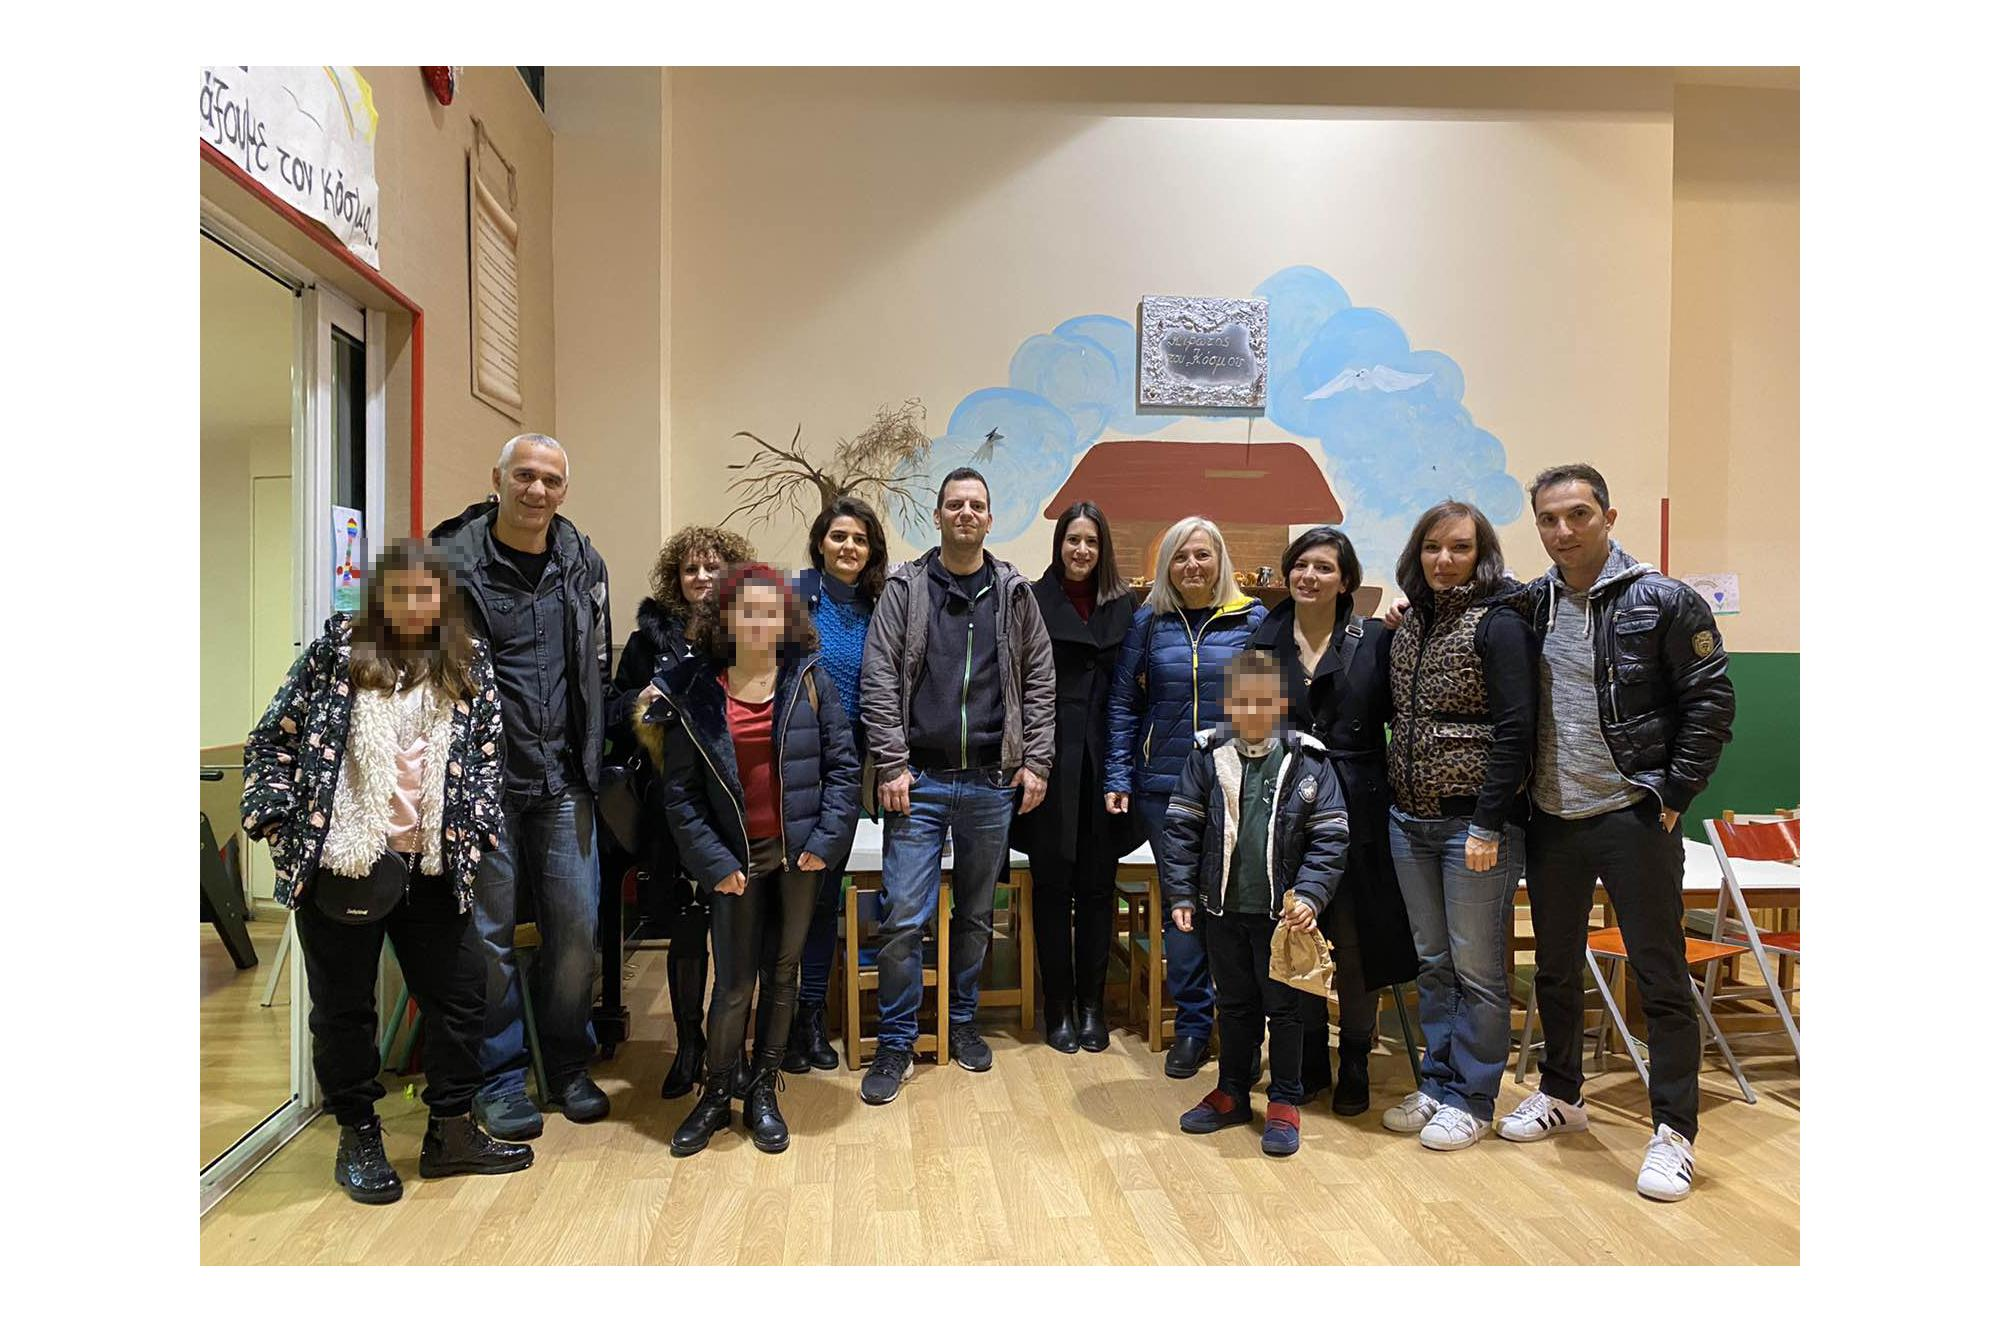 Οι εργαζόμενοι της Goodyear δίπλα στα παιδιά της Κιβωτού του Κόσμου